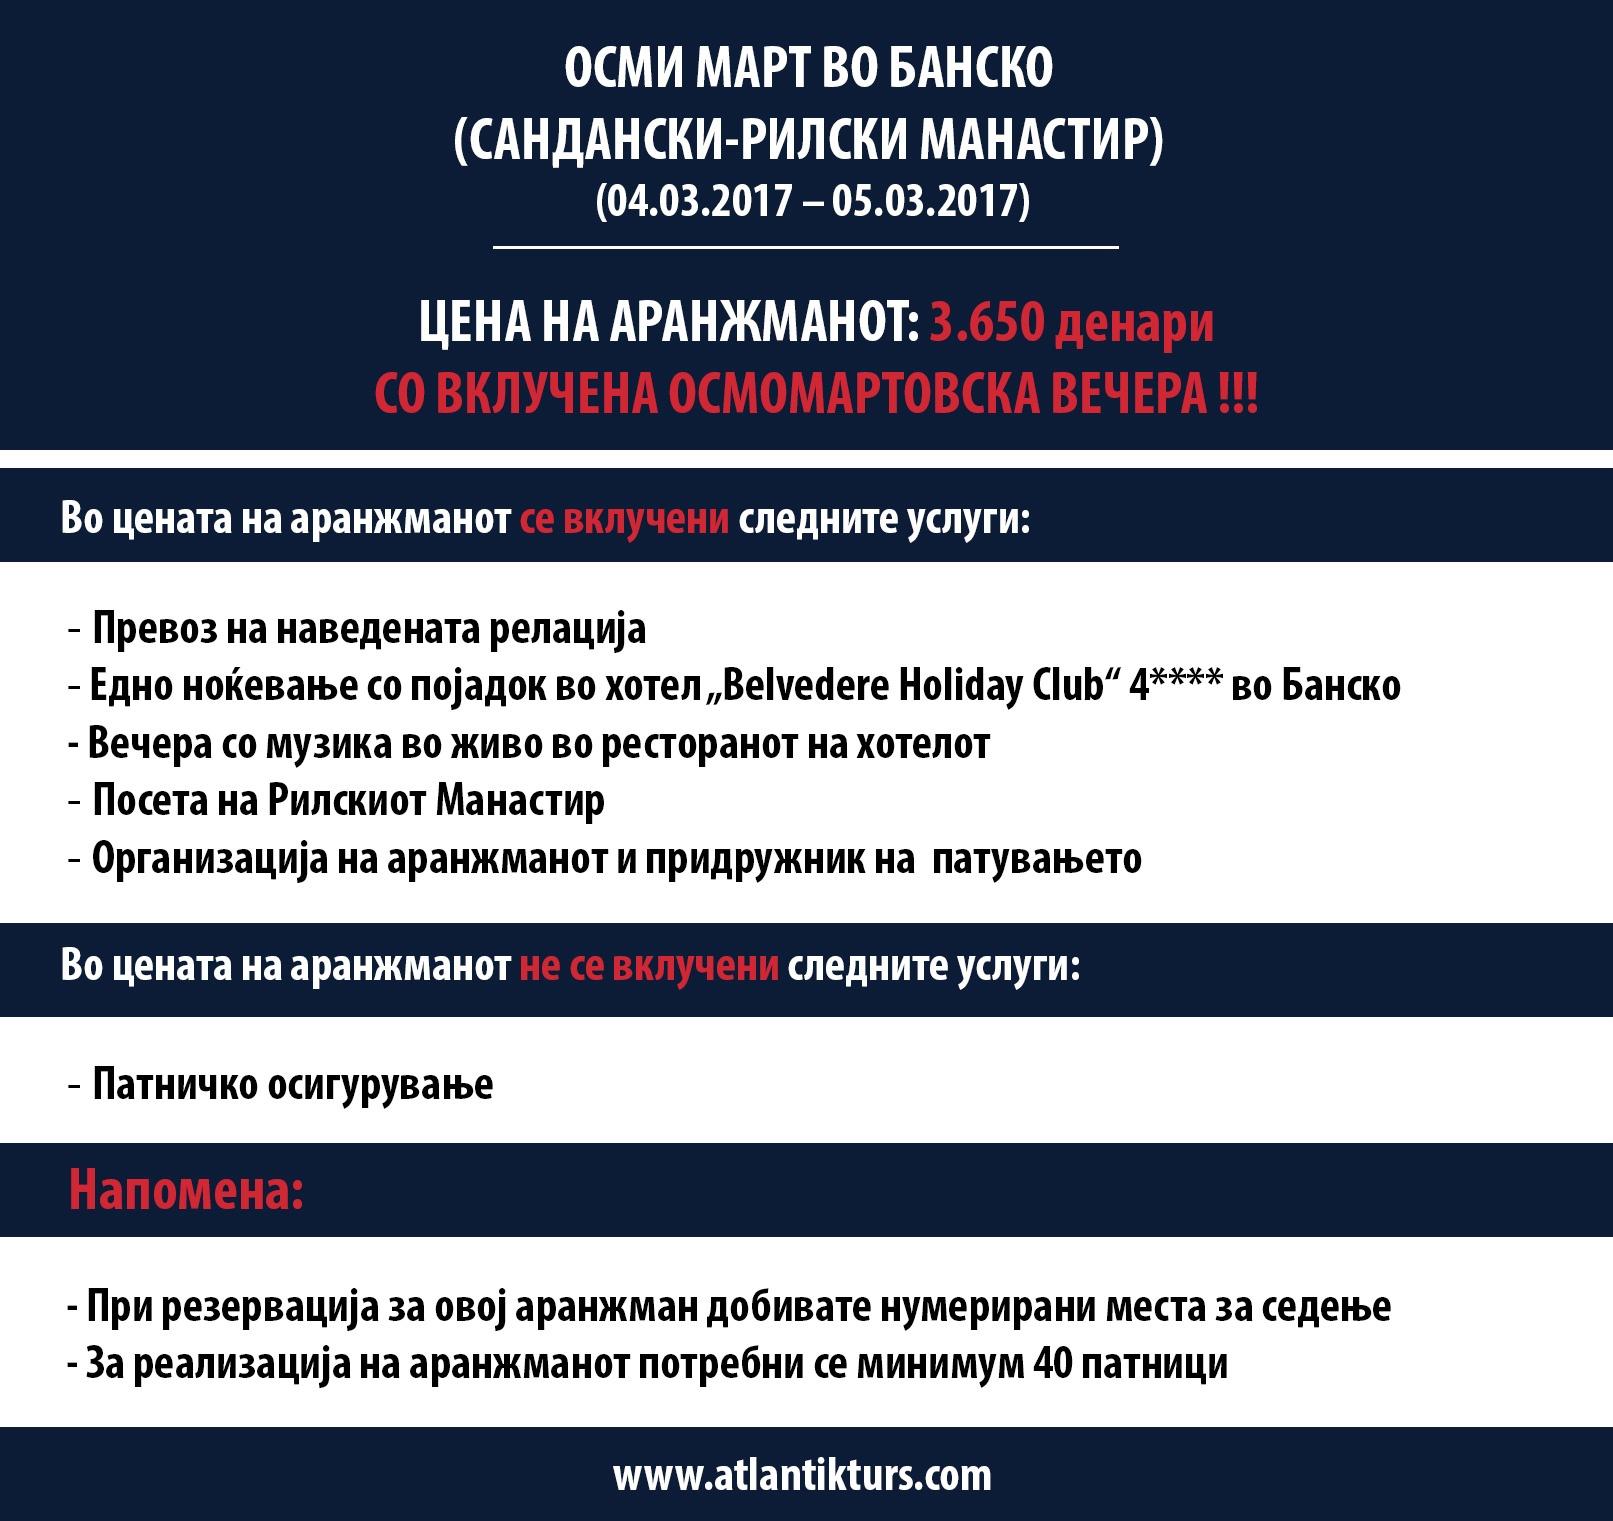 8 Март 2017 - Банско